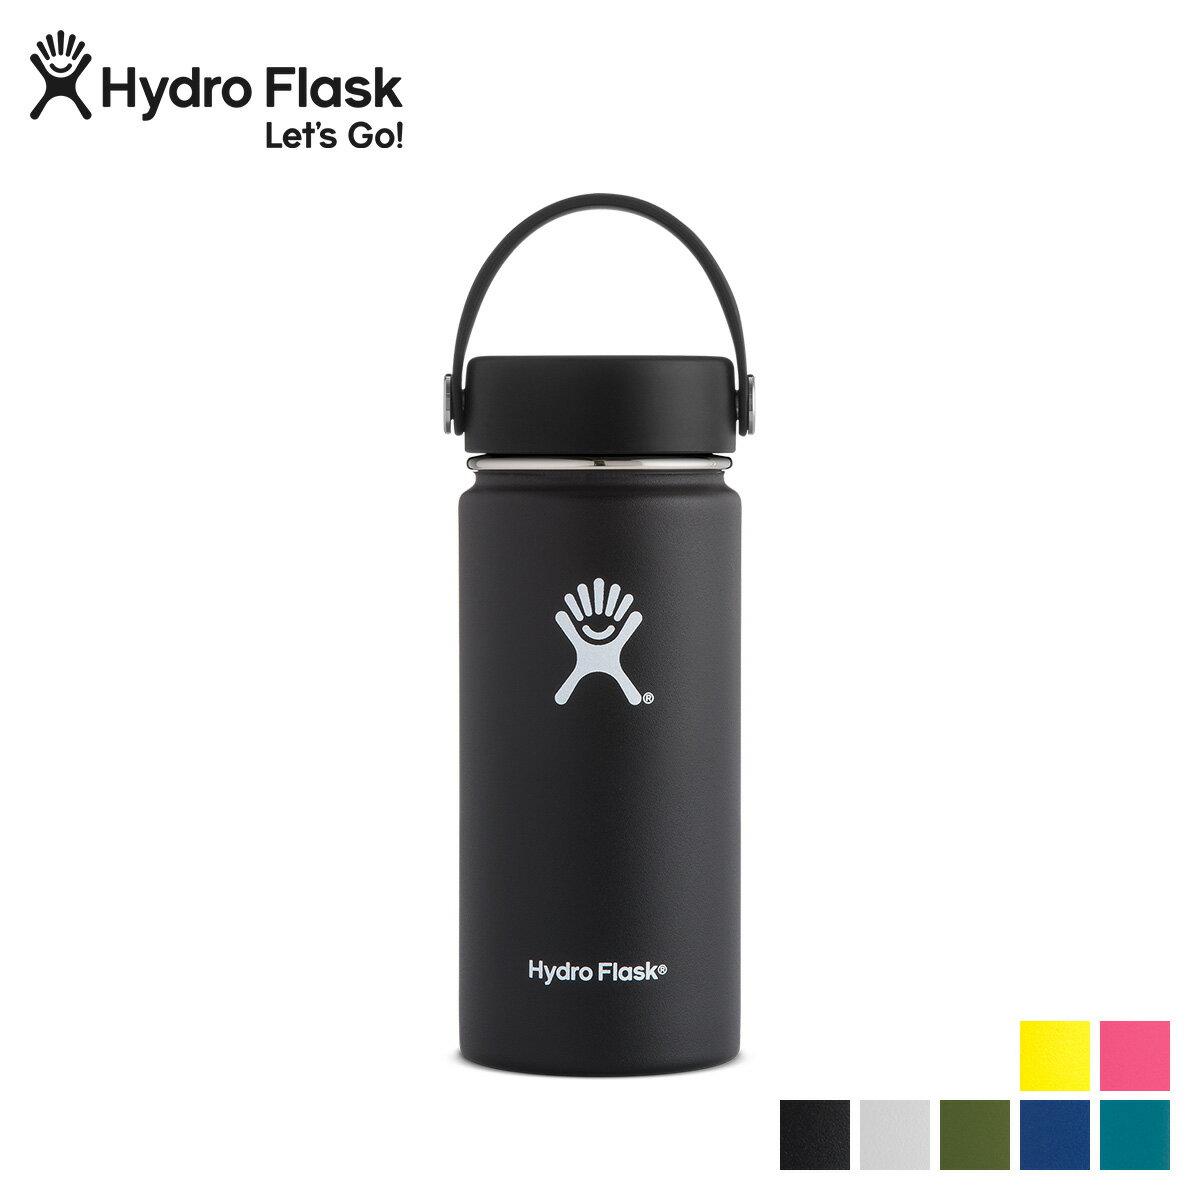 弁当箱・水筒, 水筒・マグボトル Hydro Flask HYDRATION 16oz 473ml 5089022